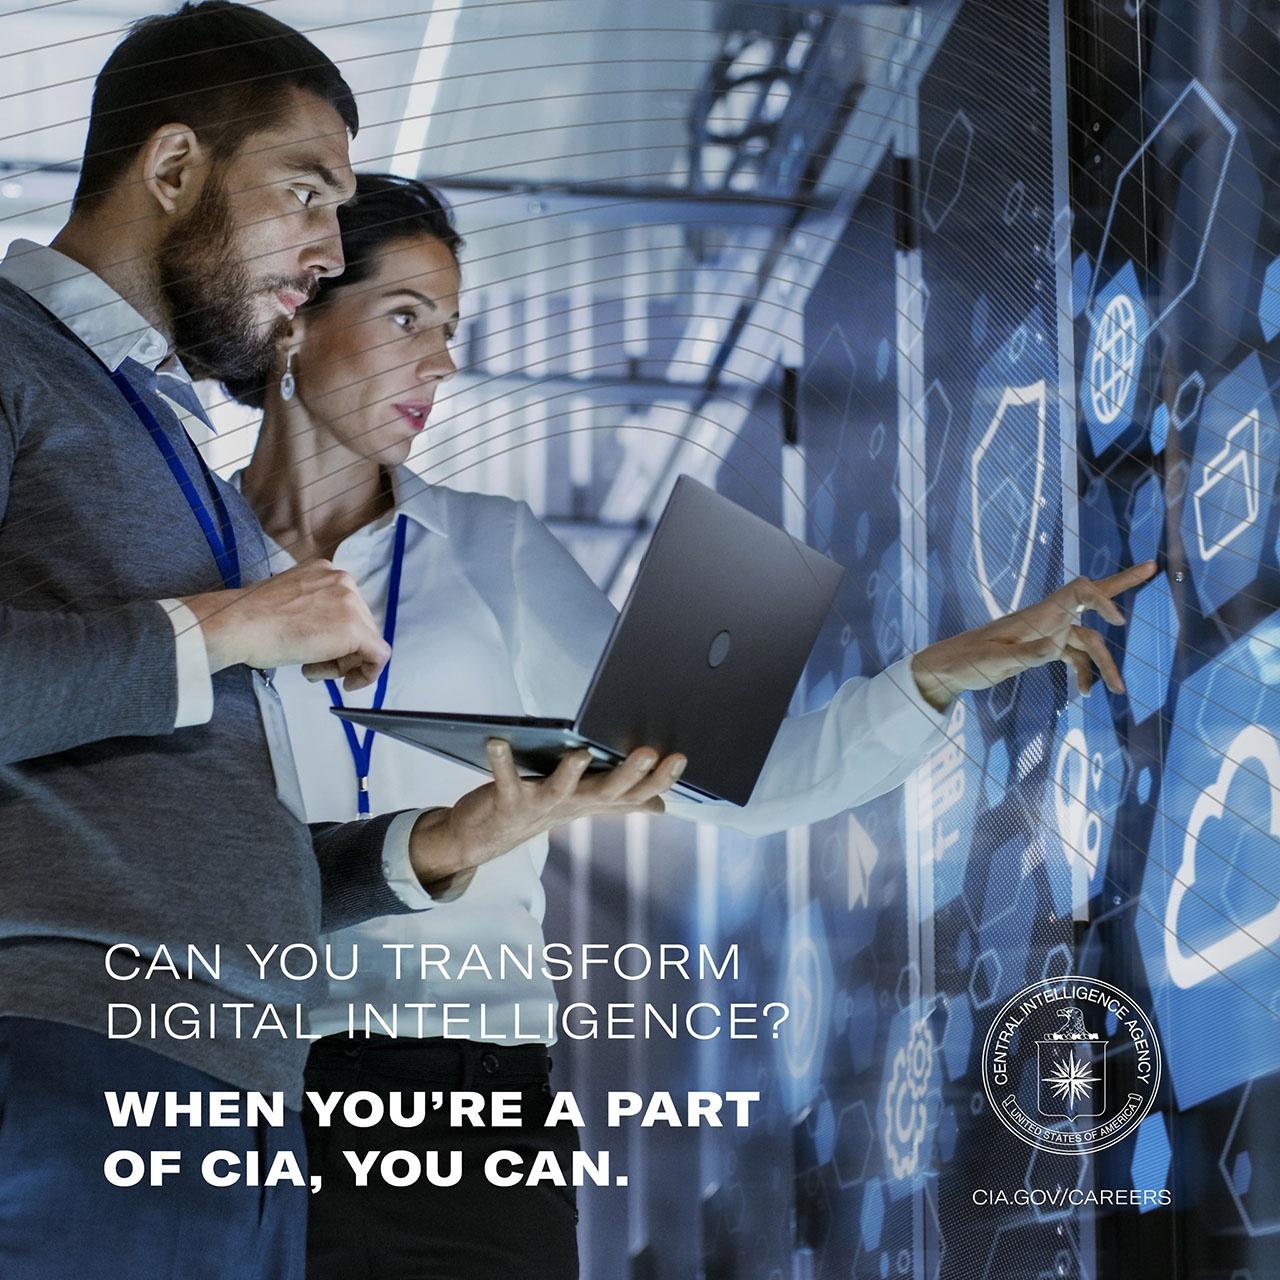 «Приглашаются сотрудники по кибероперациям с начальной зарплатой: 64.137 - 134.798 долларов (в год)».